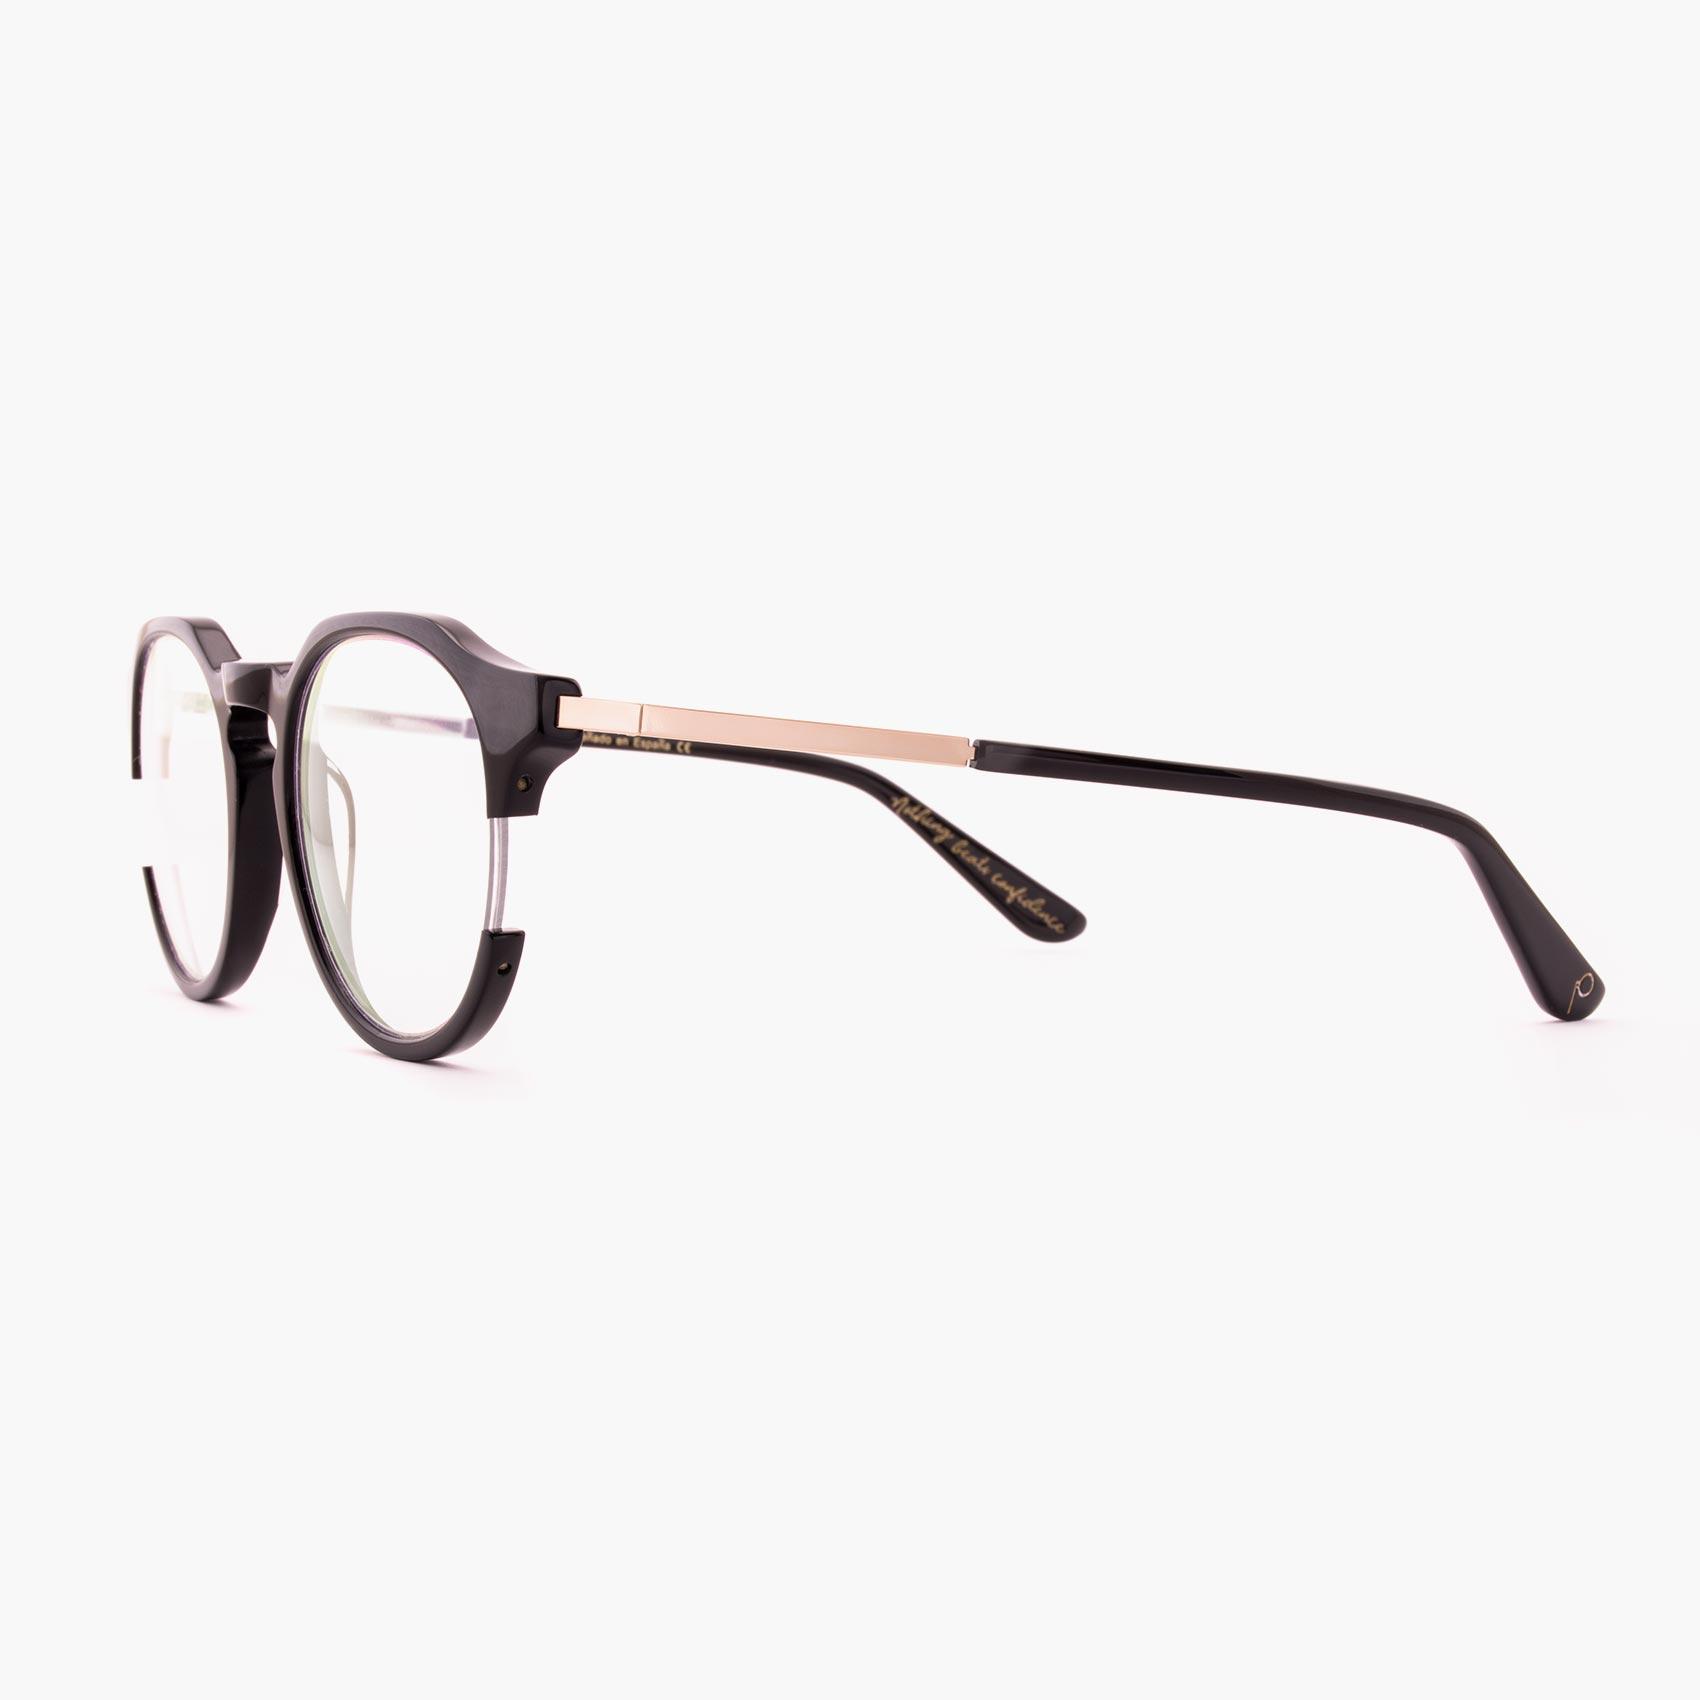 Proud eyewear Jodie C1 L montura gafas mujer moda